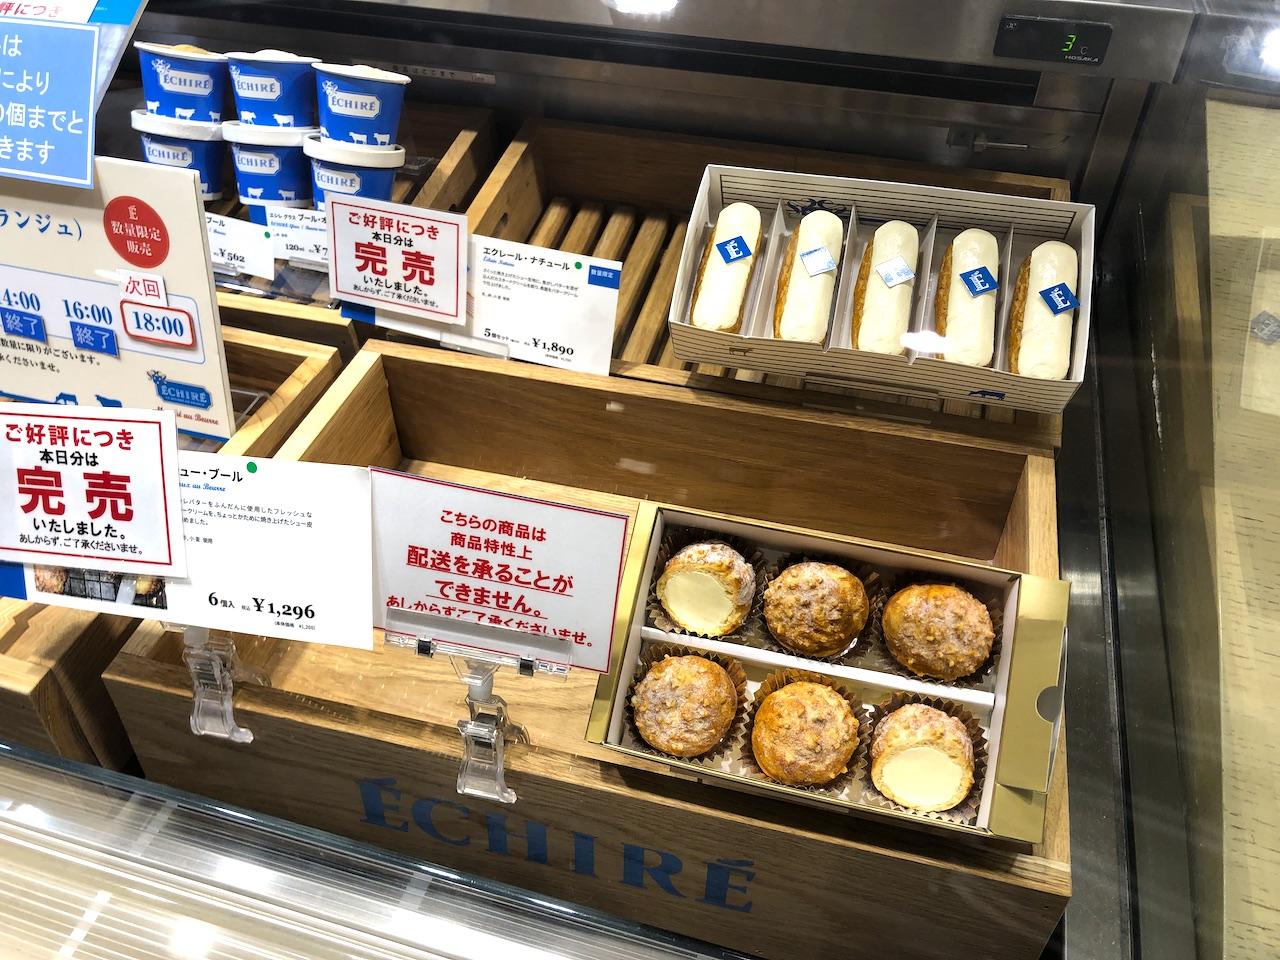 大阪でしか買えない!行列必至、エシレの大阪限定スイーツ「オムレット」とは?【エシレ・マルシェ オ ブール】